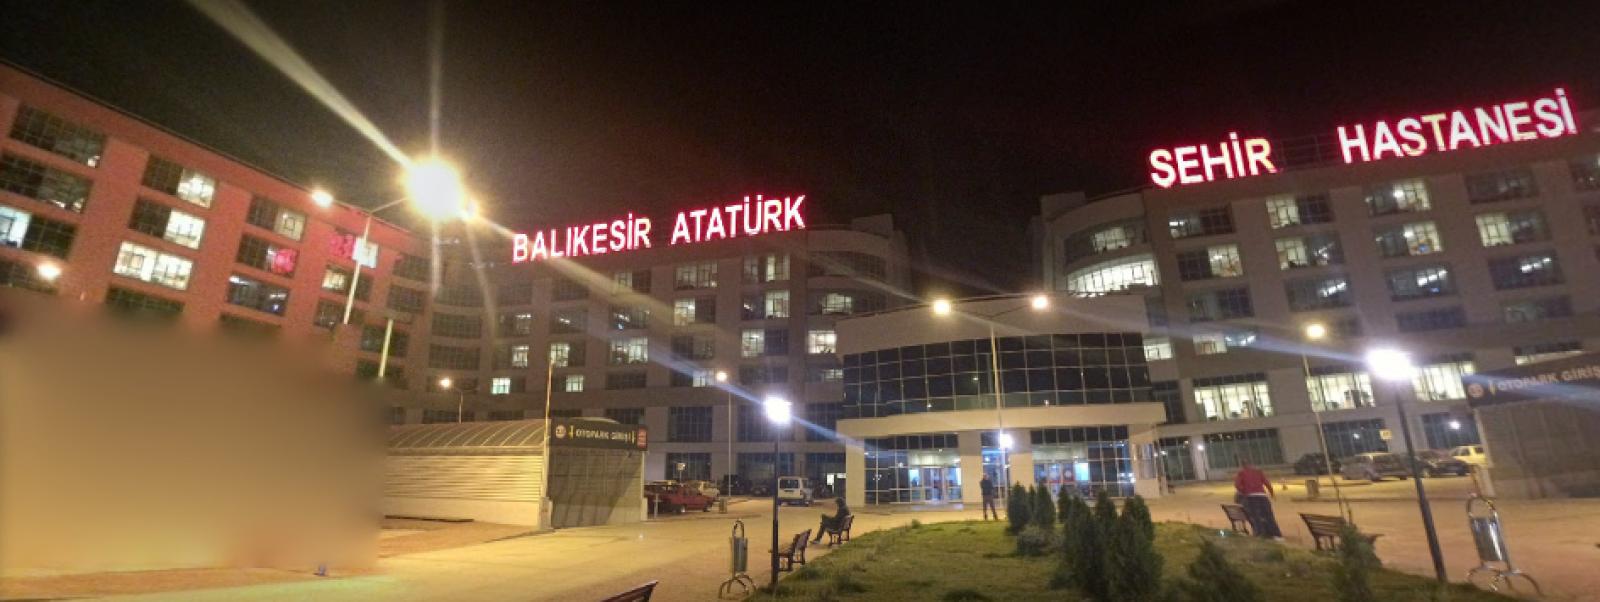 Balıkesir Atatürk Devlet Hastanesi